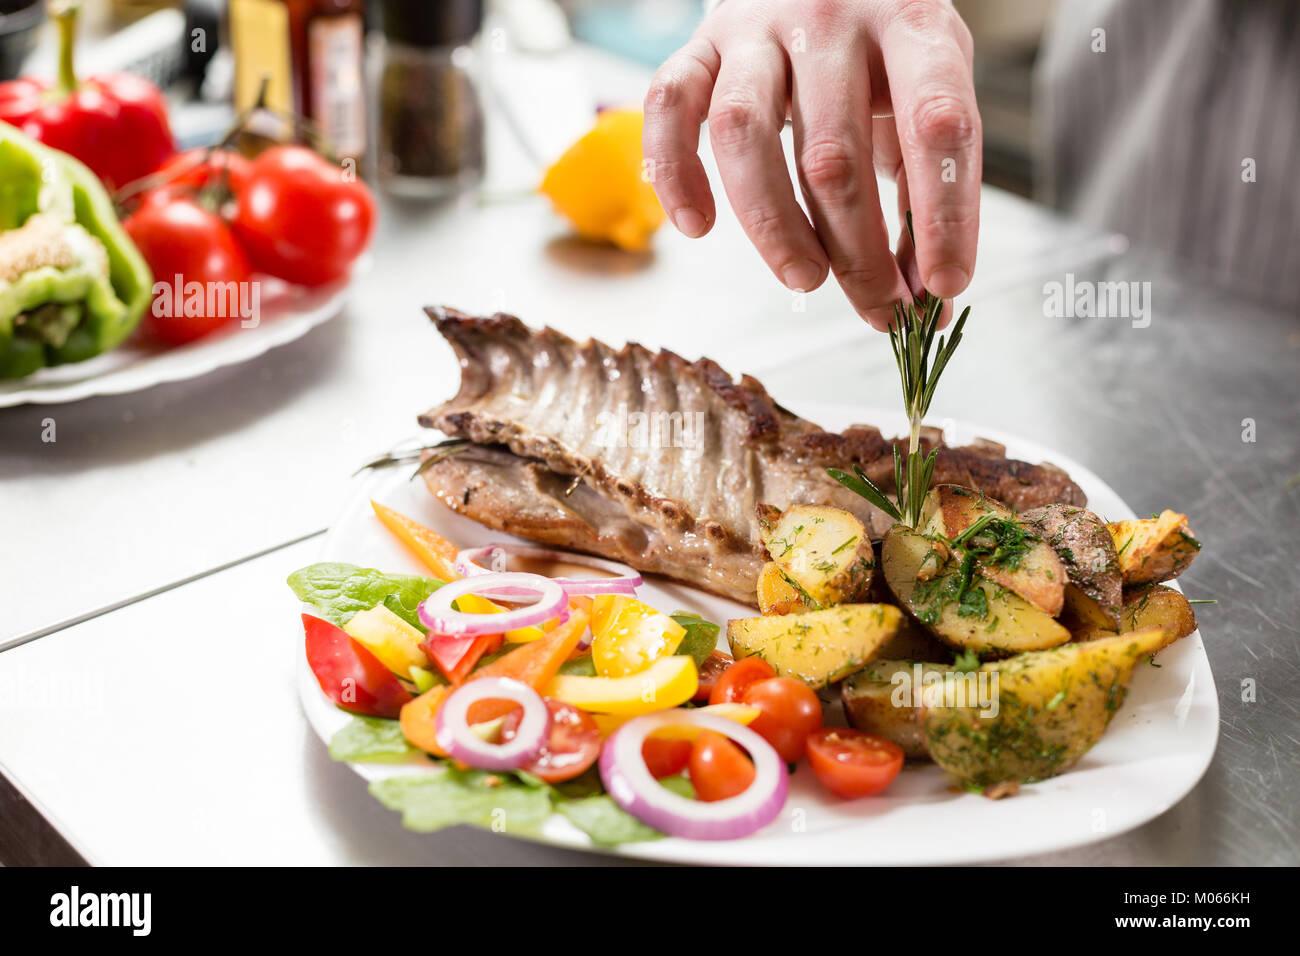 Décoré avec une branche de romarin. Le chef vous prépare au restaurant. Carré d'agneau grillé Photo Stock